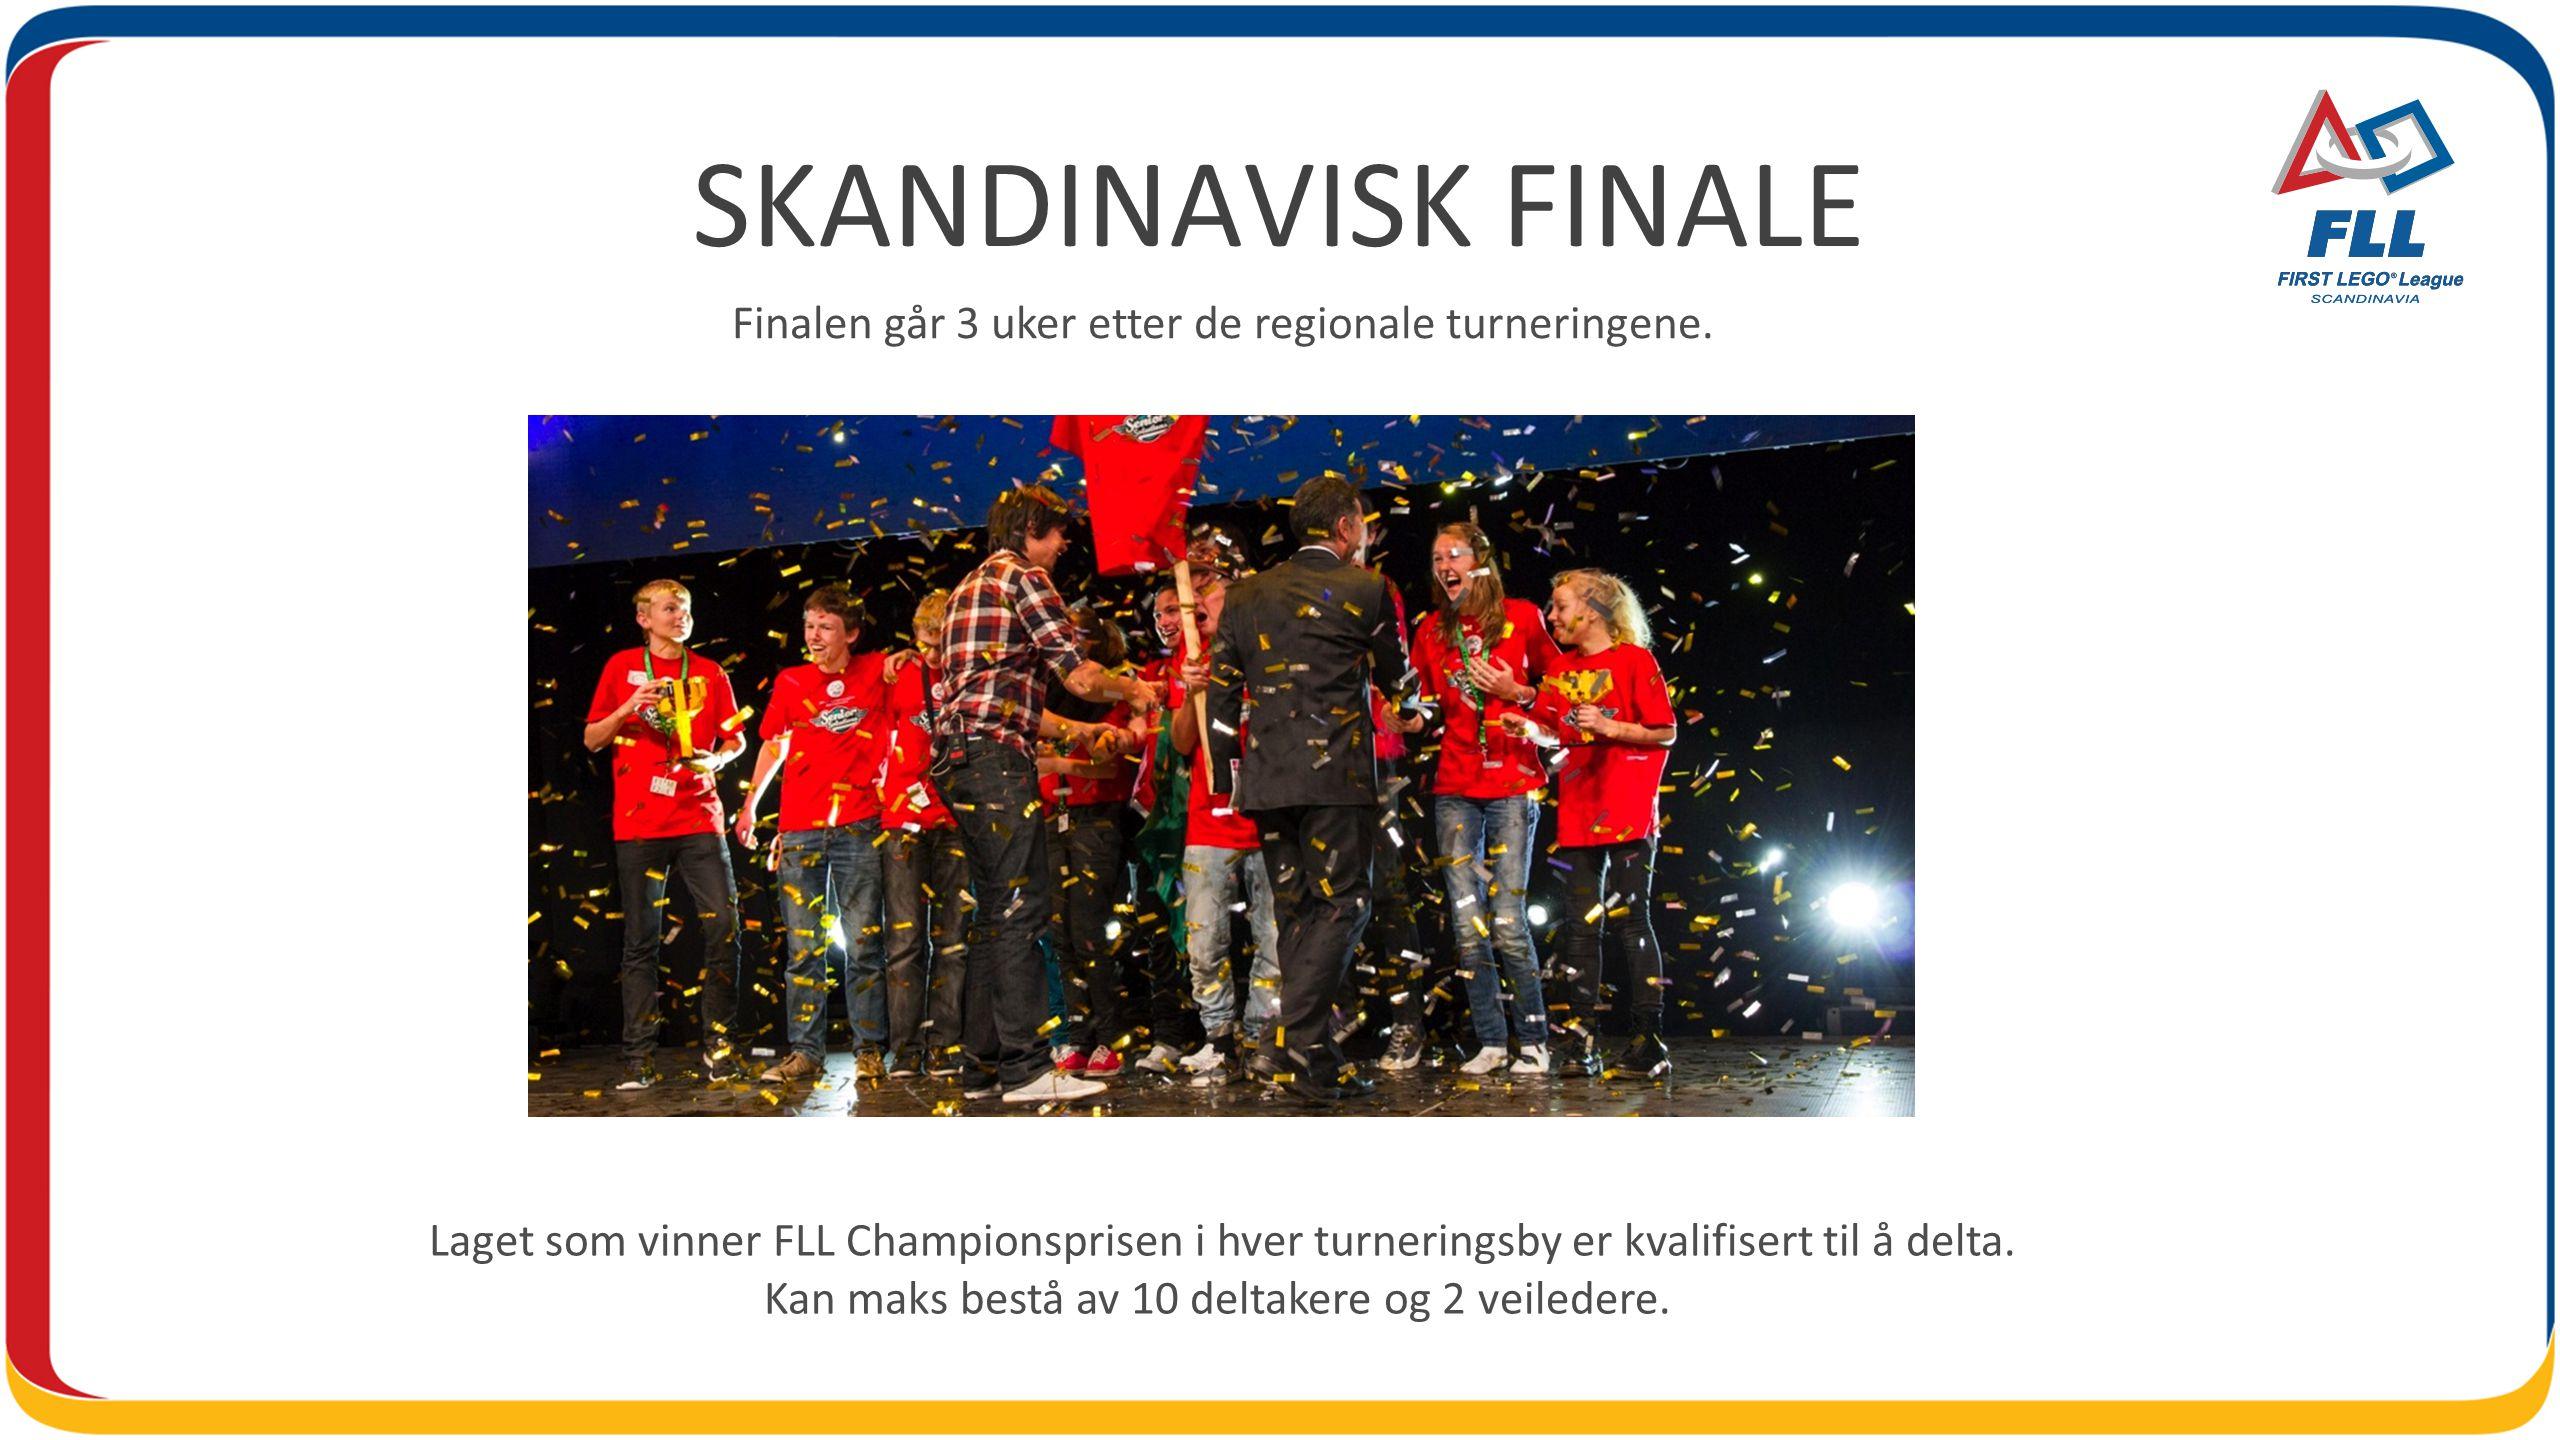 Finalen går 3 uker etter de regionale turneringene.